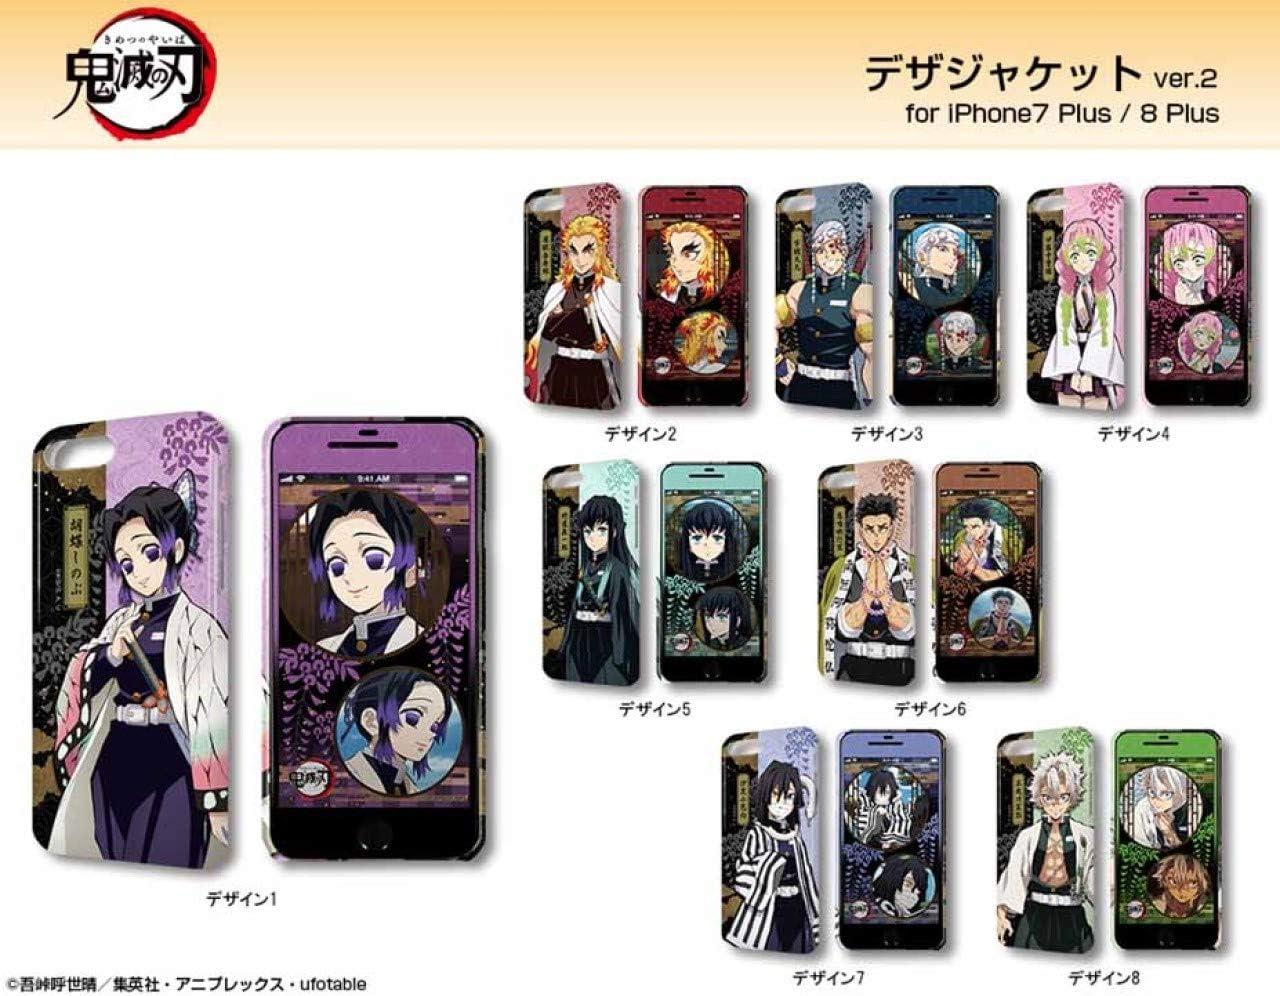 鬼滅の刃 iPhone 7 Plus/8 Plusケース&保護シート Ver.2 デザイン08(不死川実弥)